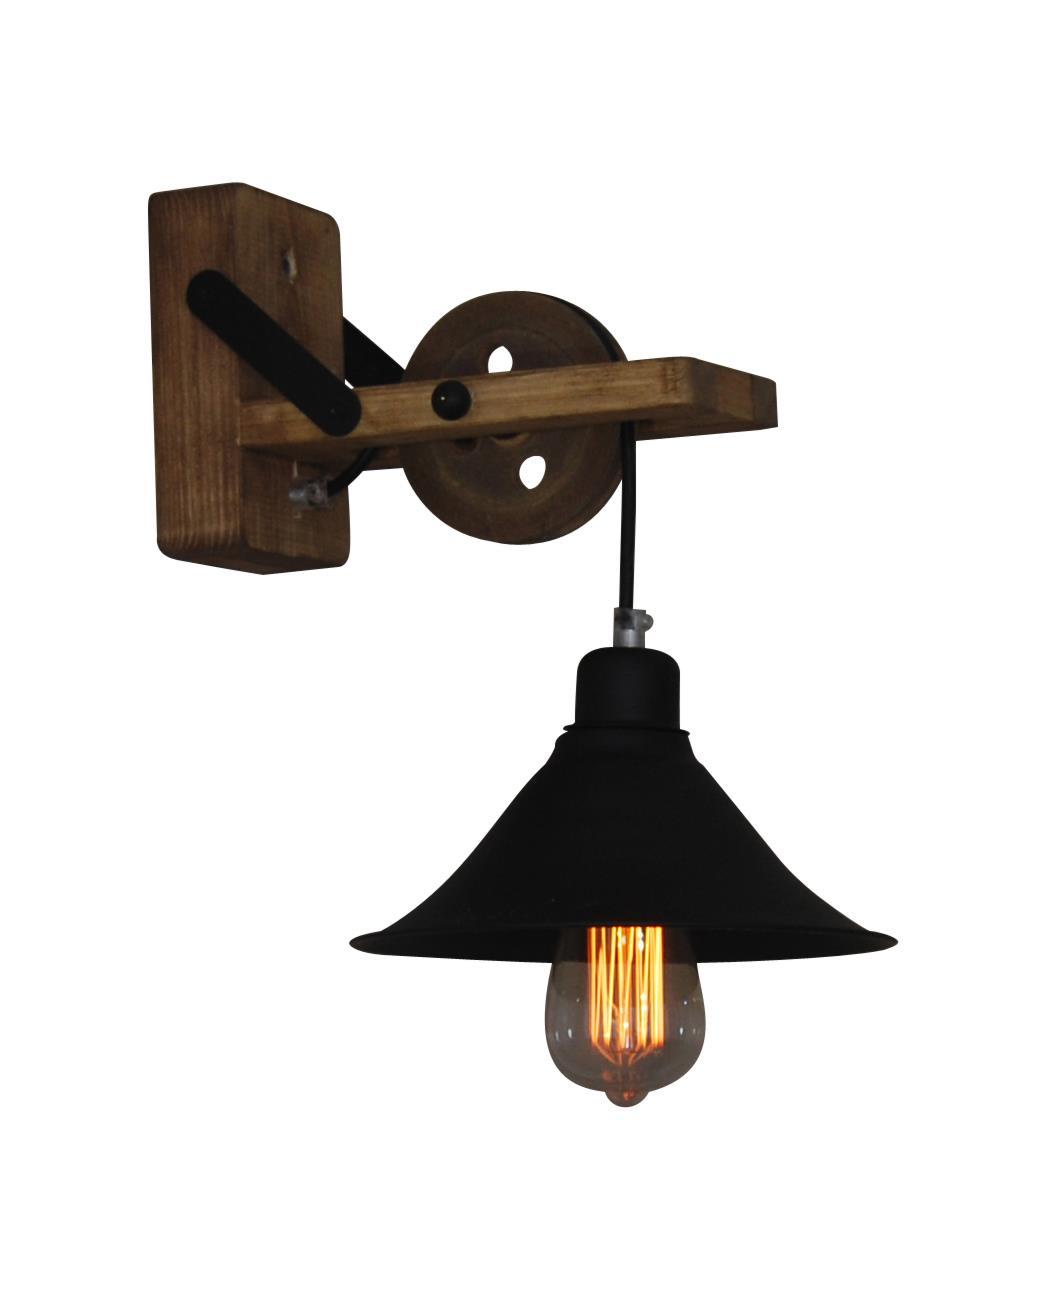 Φωτιστικό τοίχου μονόφωτο Melkor μεταλλικό με υφασμάτινο μαύρο καλώδιο και ξύλινα μπράτσα – βάση 21x34x35cm Home Lighting 77-318